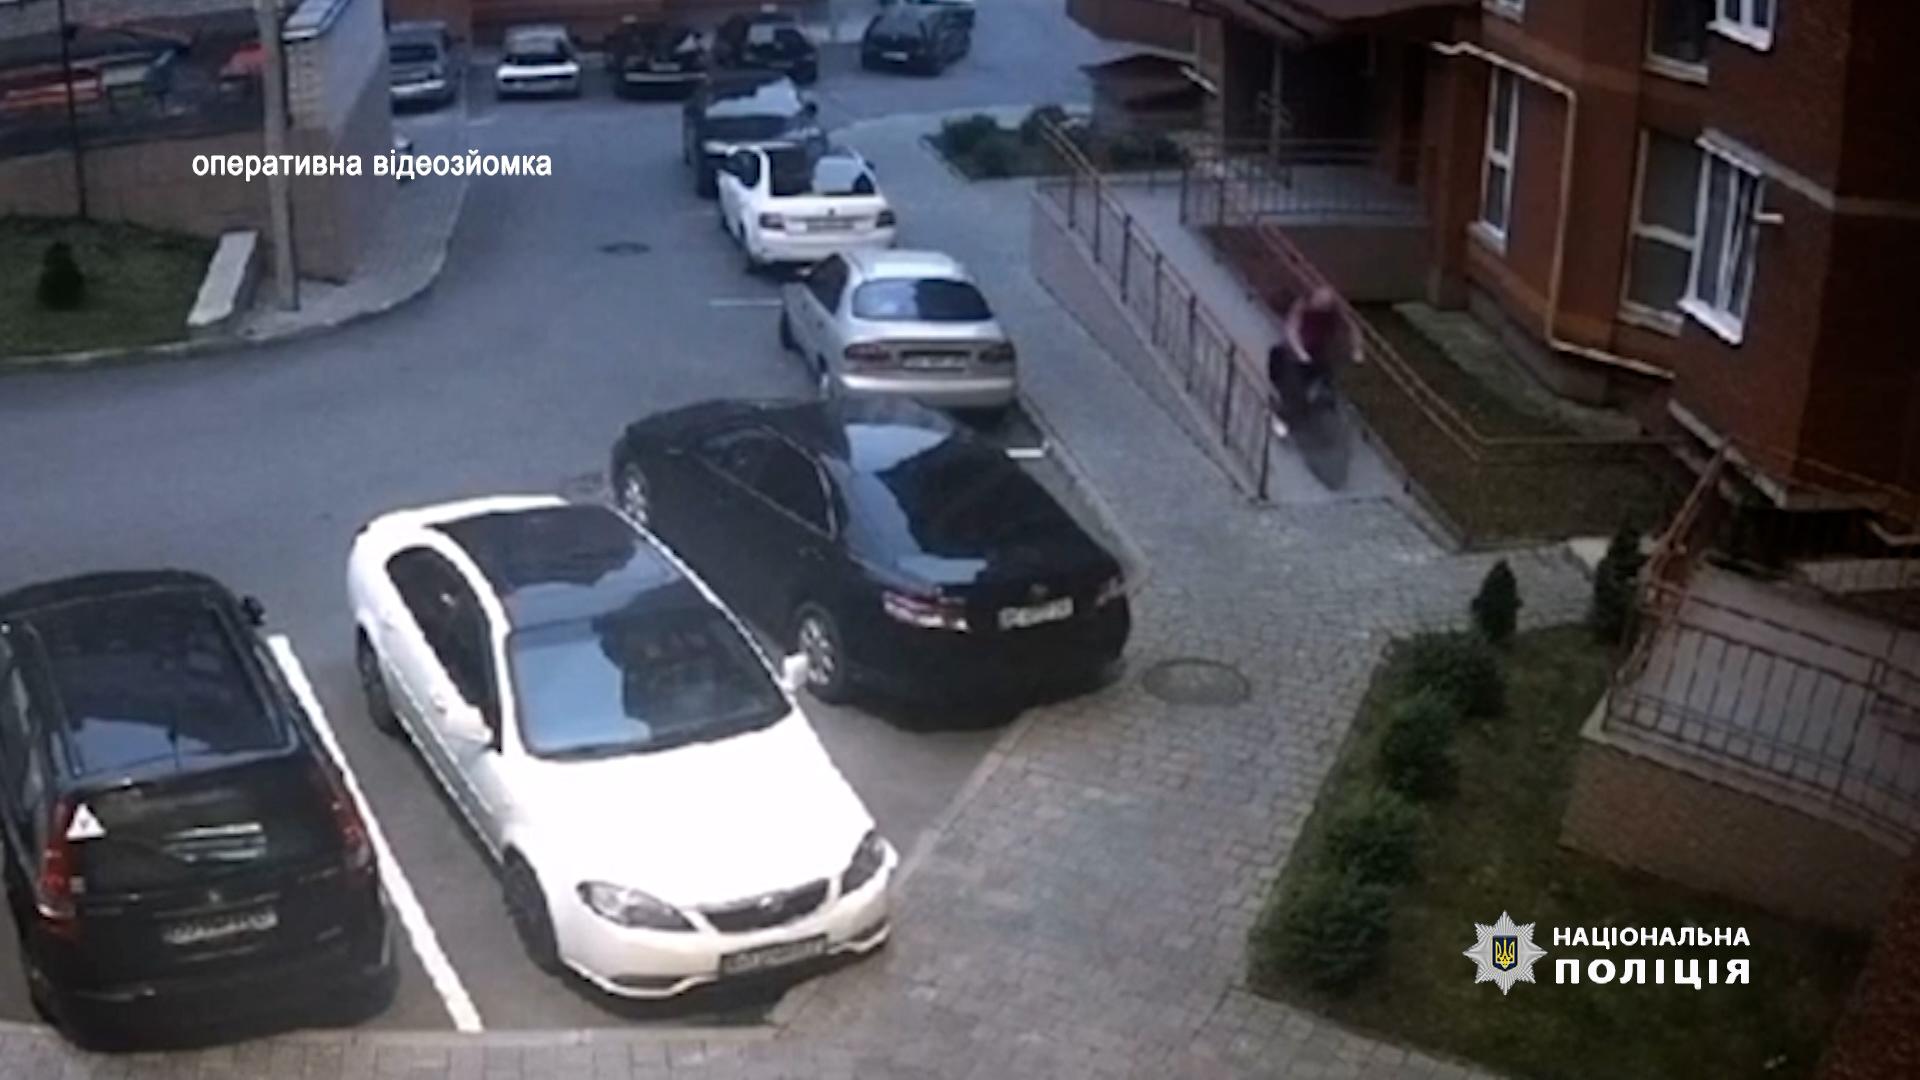 Оперативники Тернополя впіймали велосипедного злодія